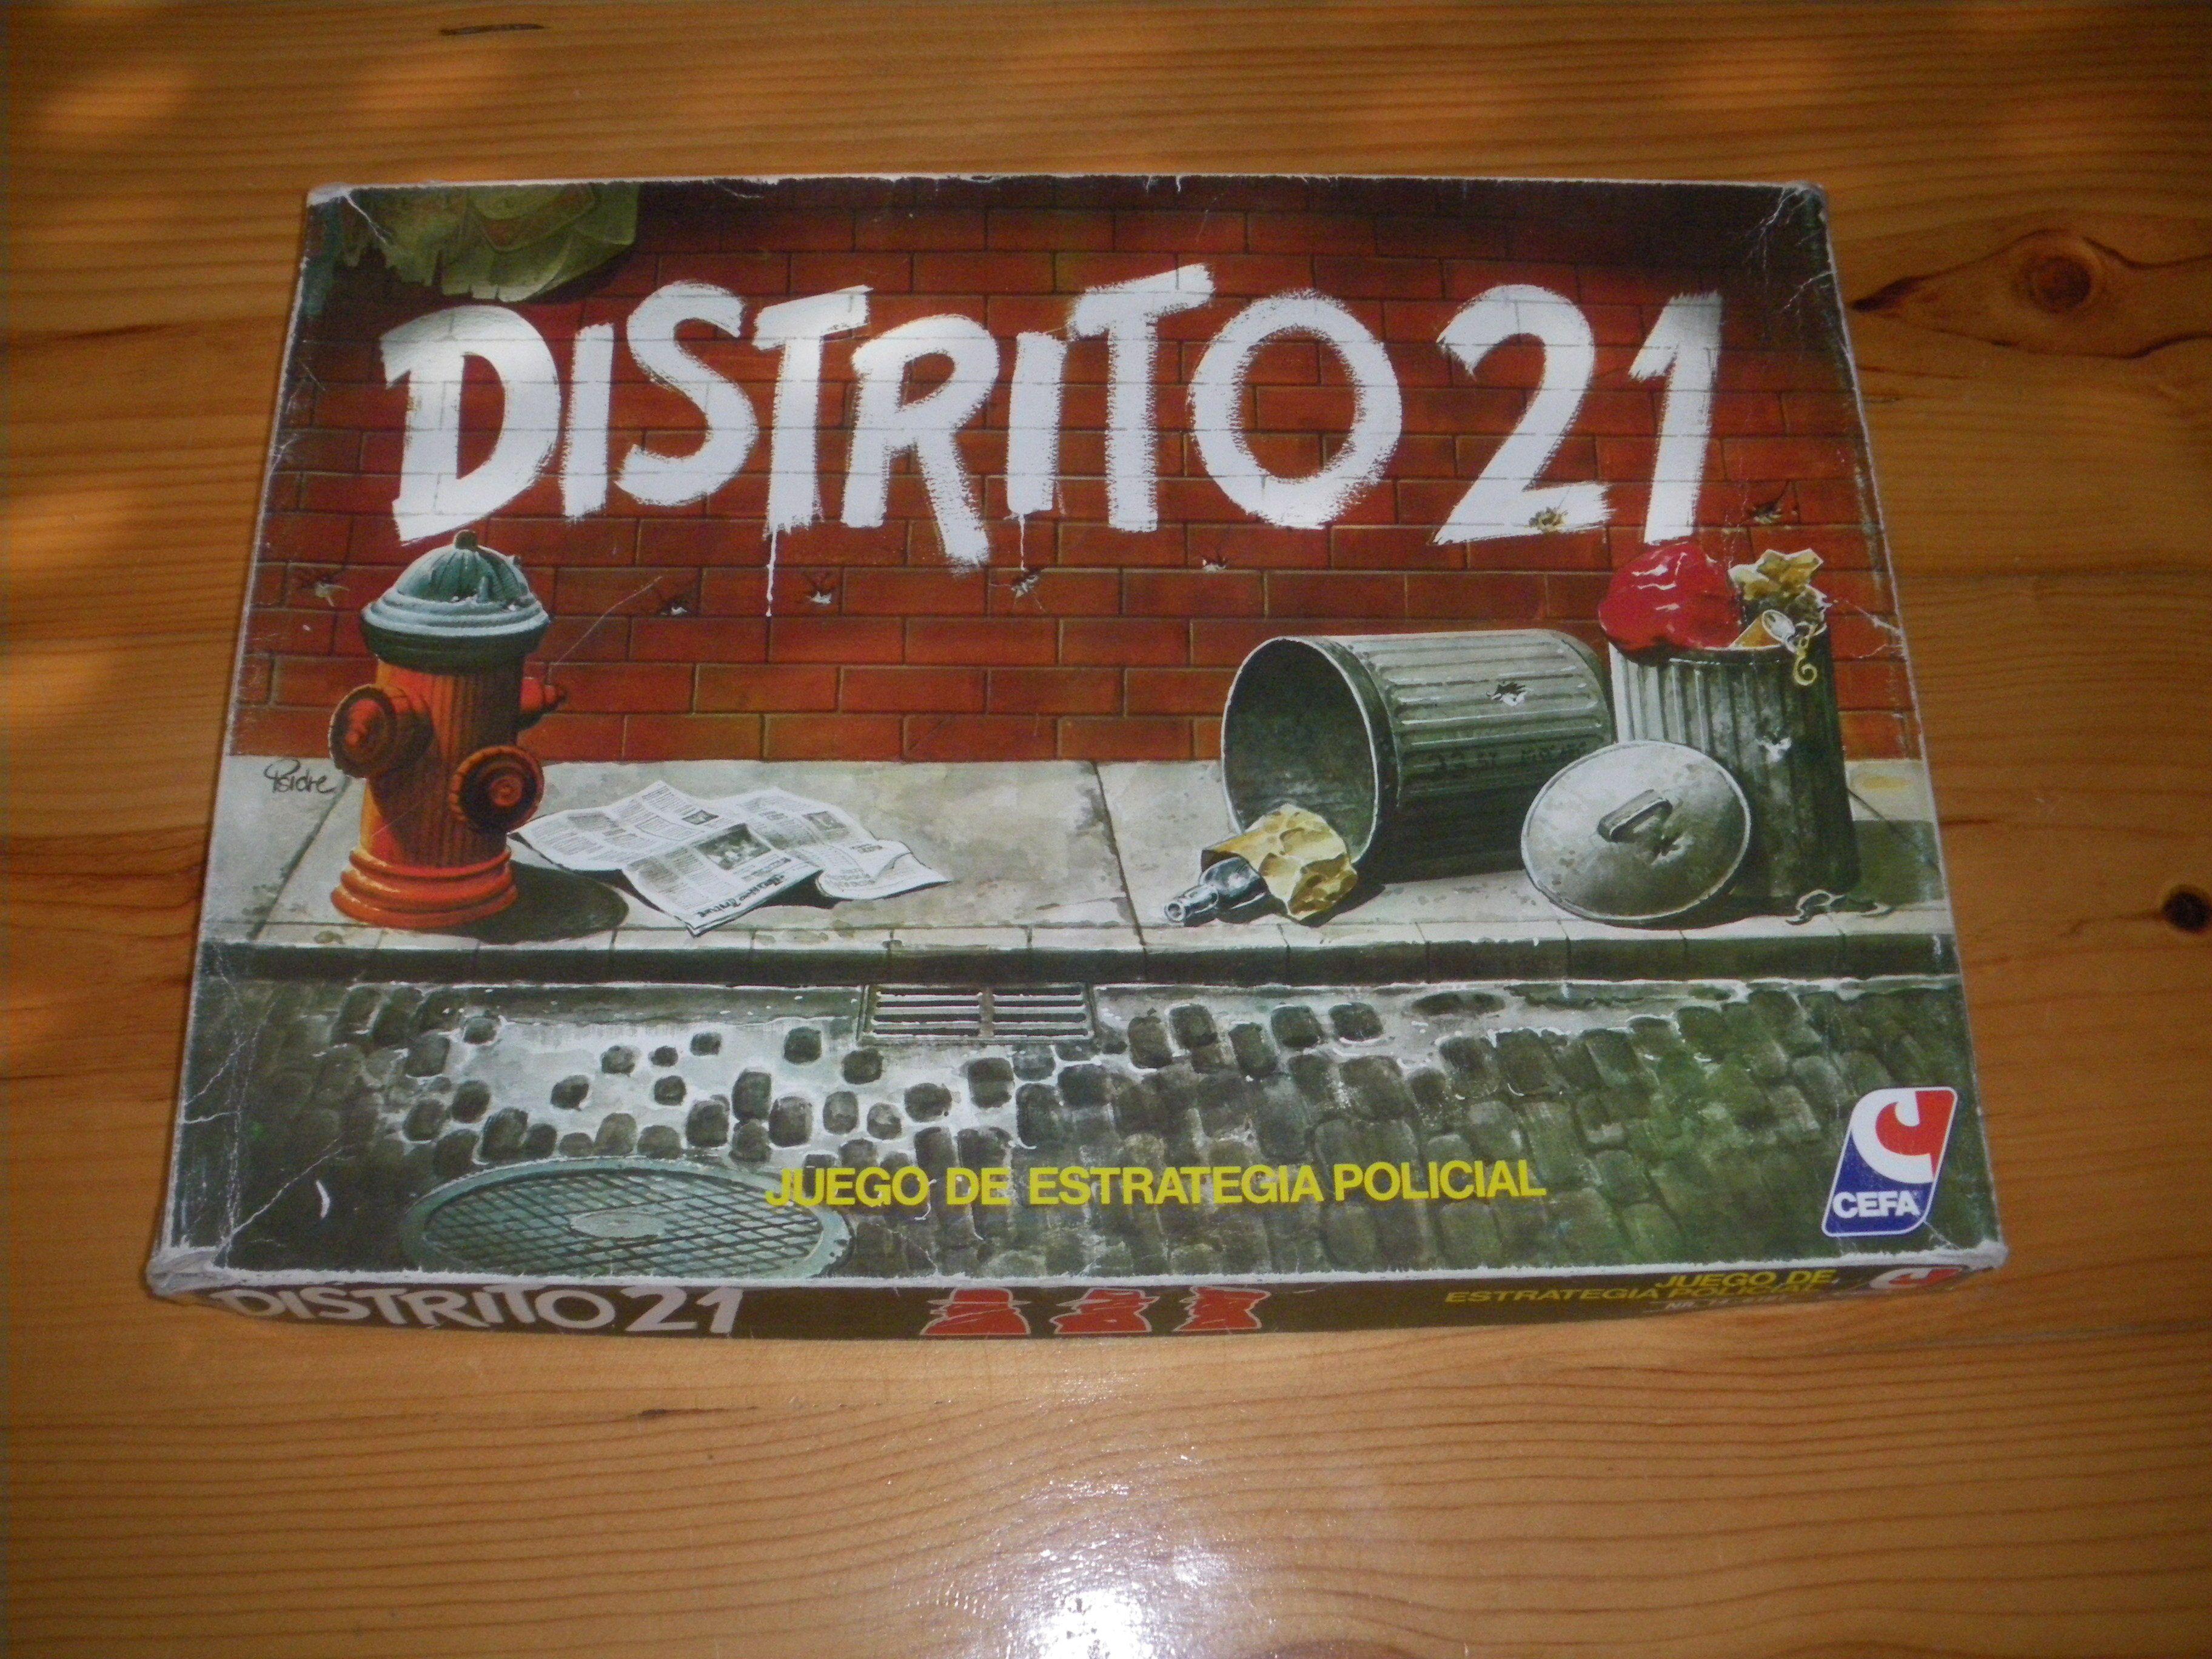 Distrito 21 Board games, Mafia, Decorative tray